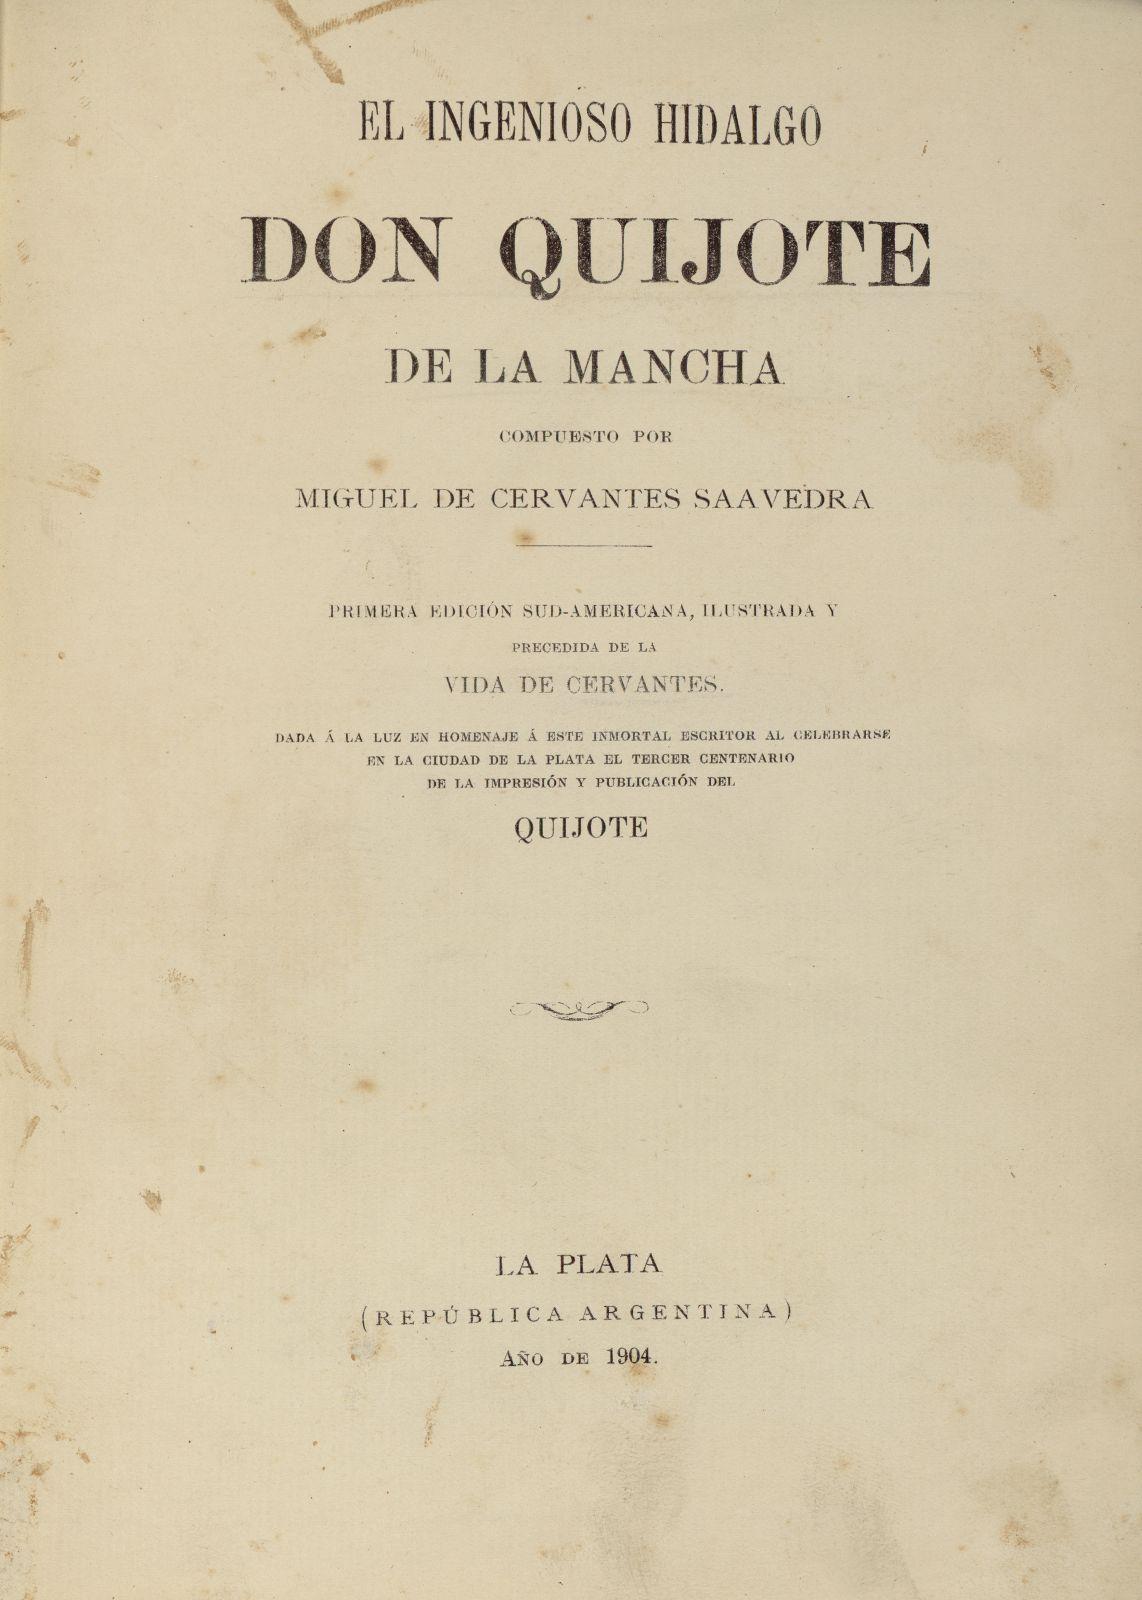 1904-la-plata-sese-01-001-t